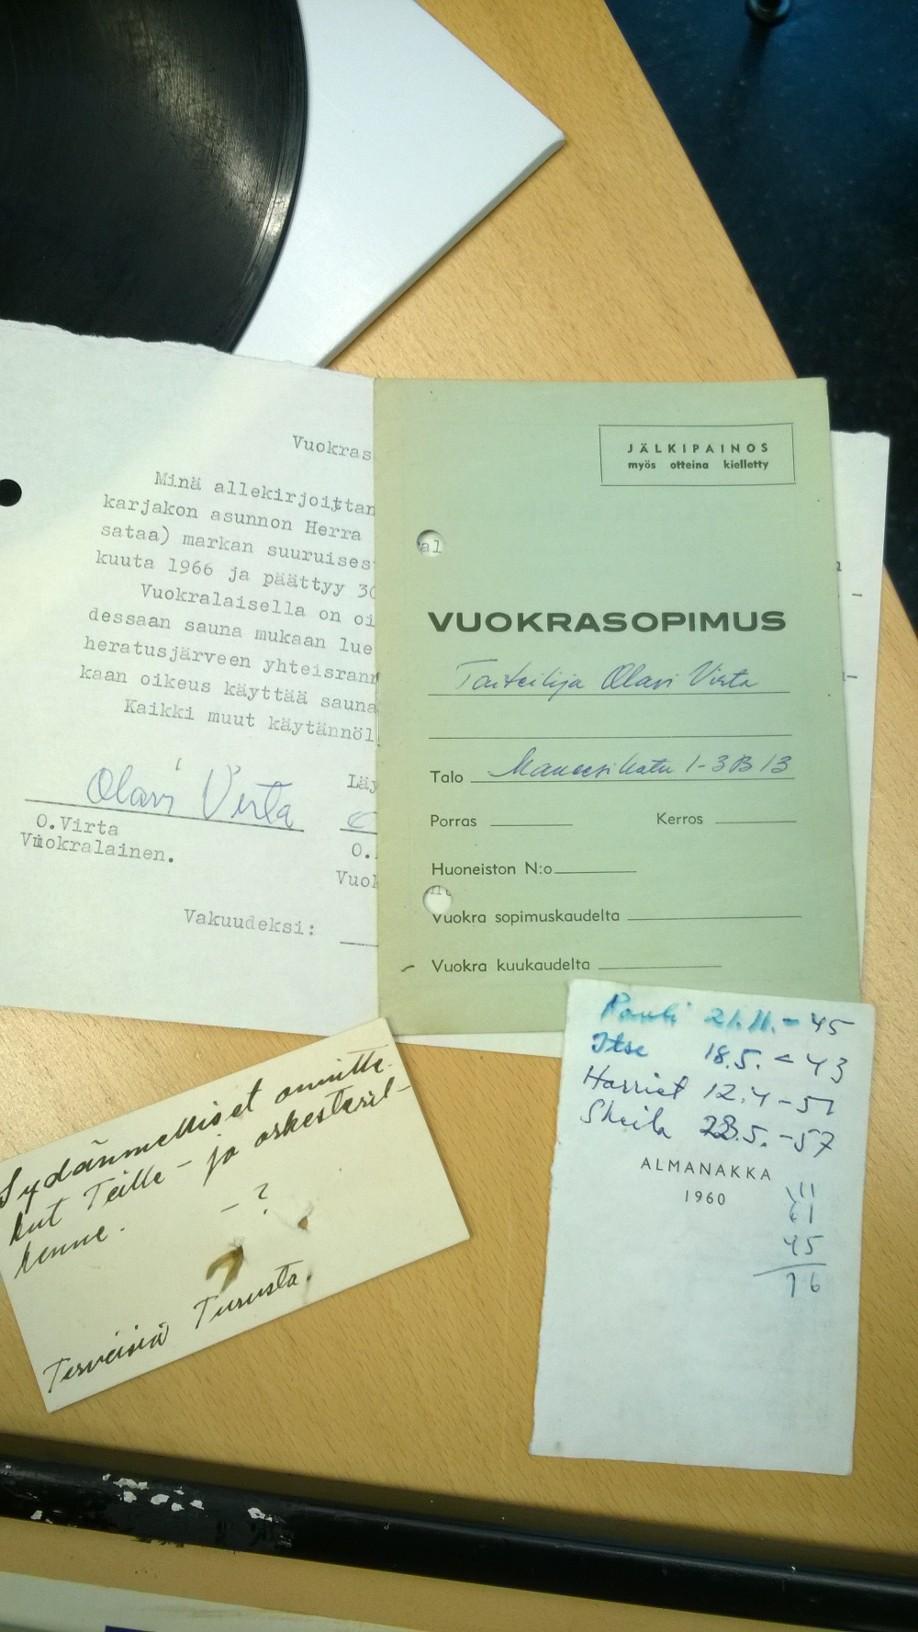 Uransa loppupuolella Virran perhe hajosi ja Irene-vaimo ja lapset muuttivat Ruotsiin. Taloudellisiin vaikeuksiin joutunut Virta joutui muuttamaan usein. Jäämistössä on lukuisia vuokrasopimuksia eri puolilta Suomea, kuten kuvan vuonna 1966 solmittu lyhytaikainen vuokrasopimus Läyliäisissä sijaitsevaan karjakonasuntoon. Lukuisissa muutoissa on kulkenut mukana myös vuoden 1960 almanakan irtirevitty sisälehti, johon laulaja on kirjoittanut lastensa Paulin, Ilsen, Harrietin ja Sheilan syntymäajat.